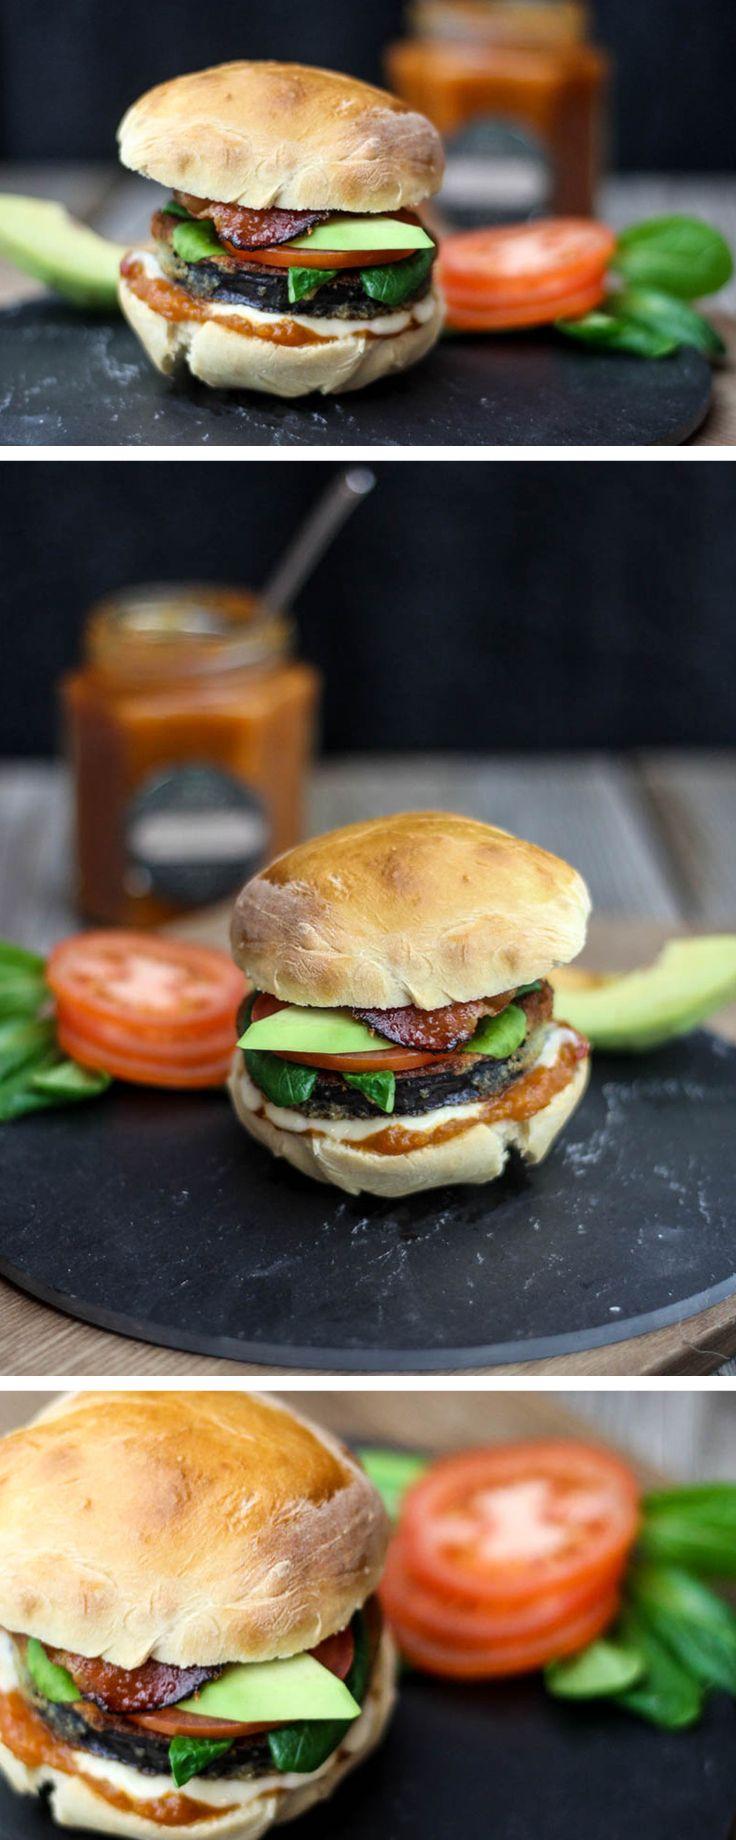 #recette : Préparez un délicieux #burger #vegan aux aubergines !